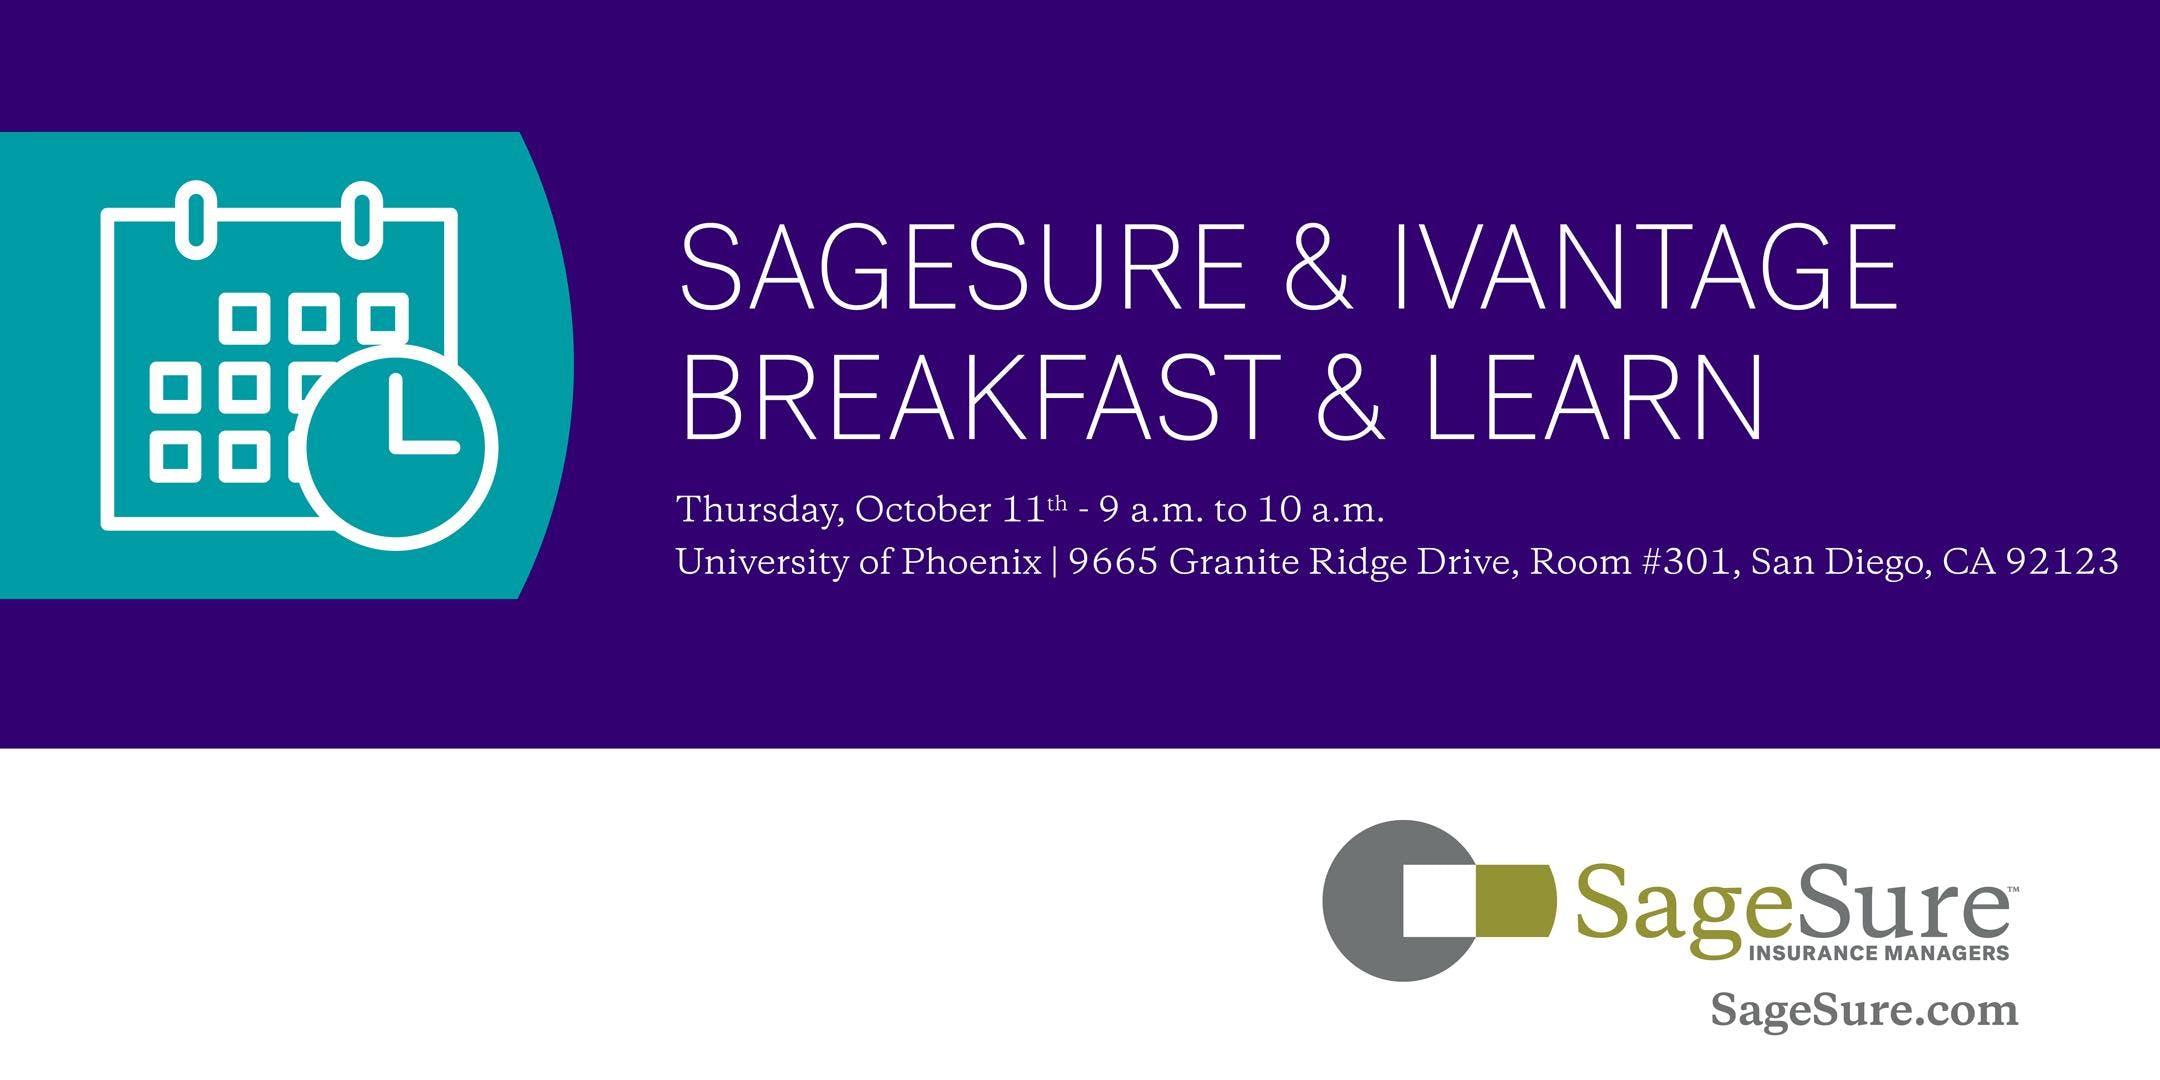 Sagesure Breakfast Learn 11 Oct 2018